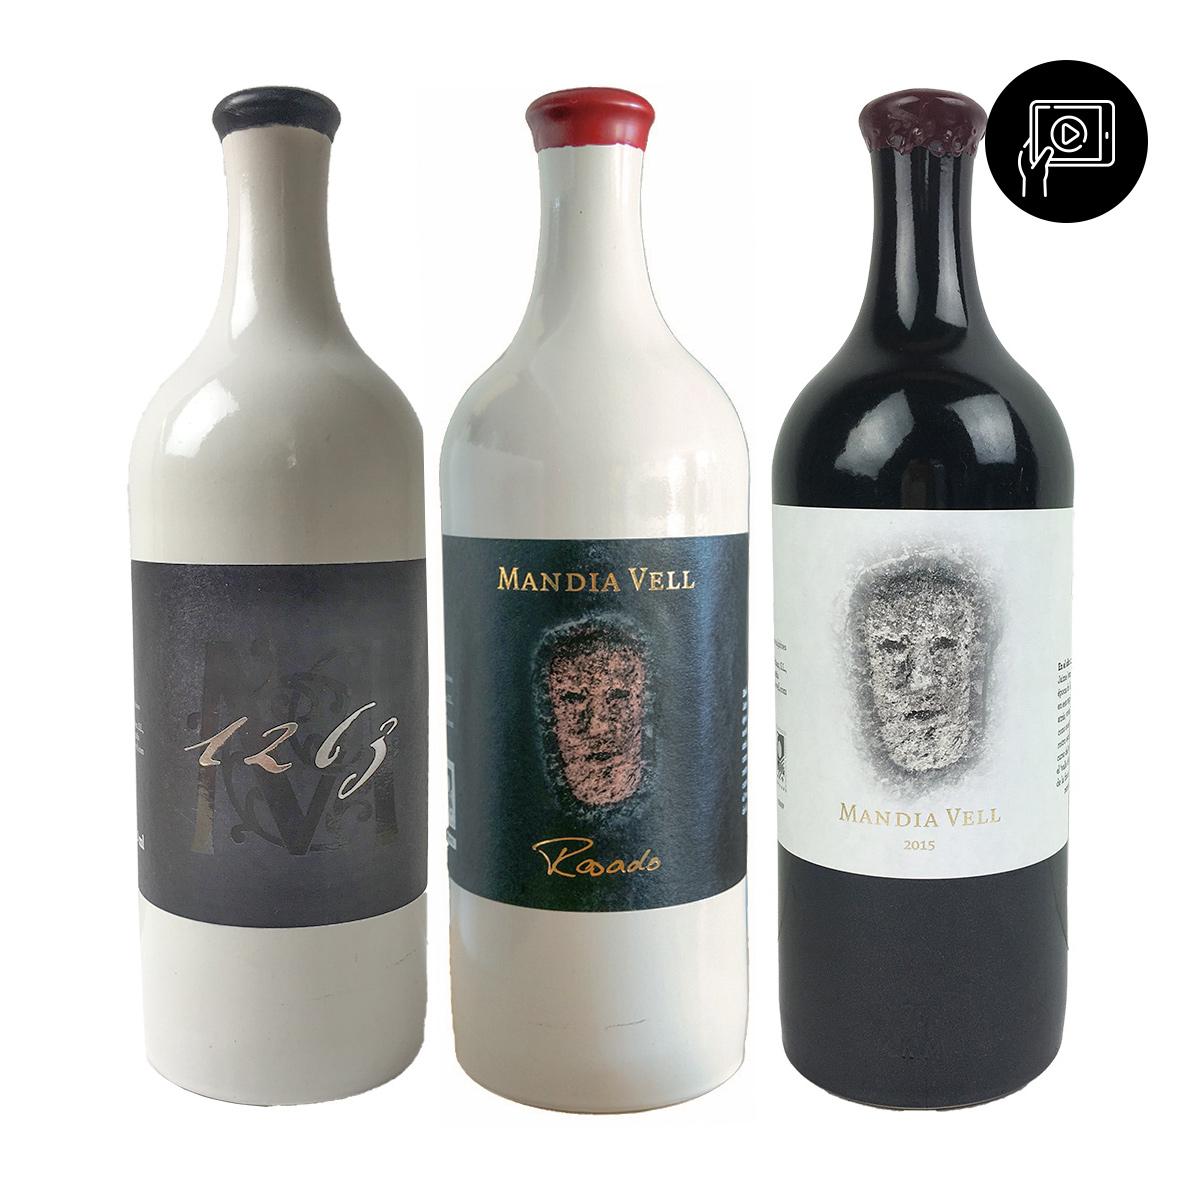 Kennenlern-Paket + Online-Tasting* MANDIA VELL 14.05.2021